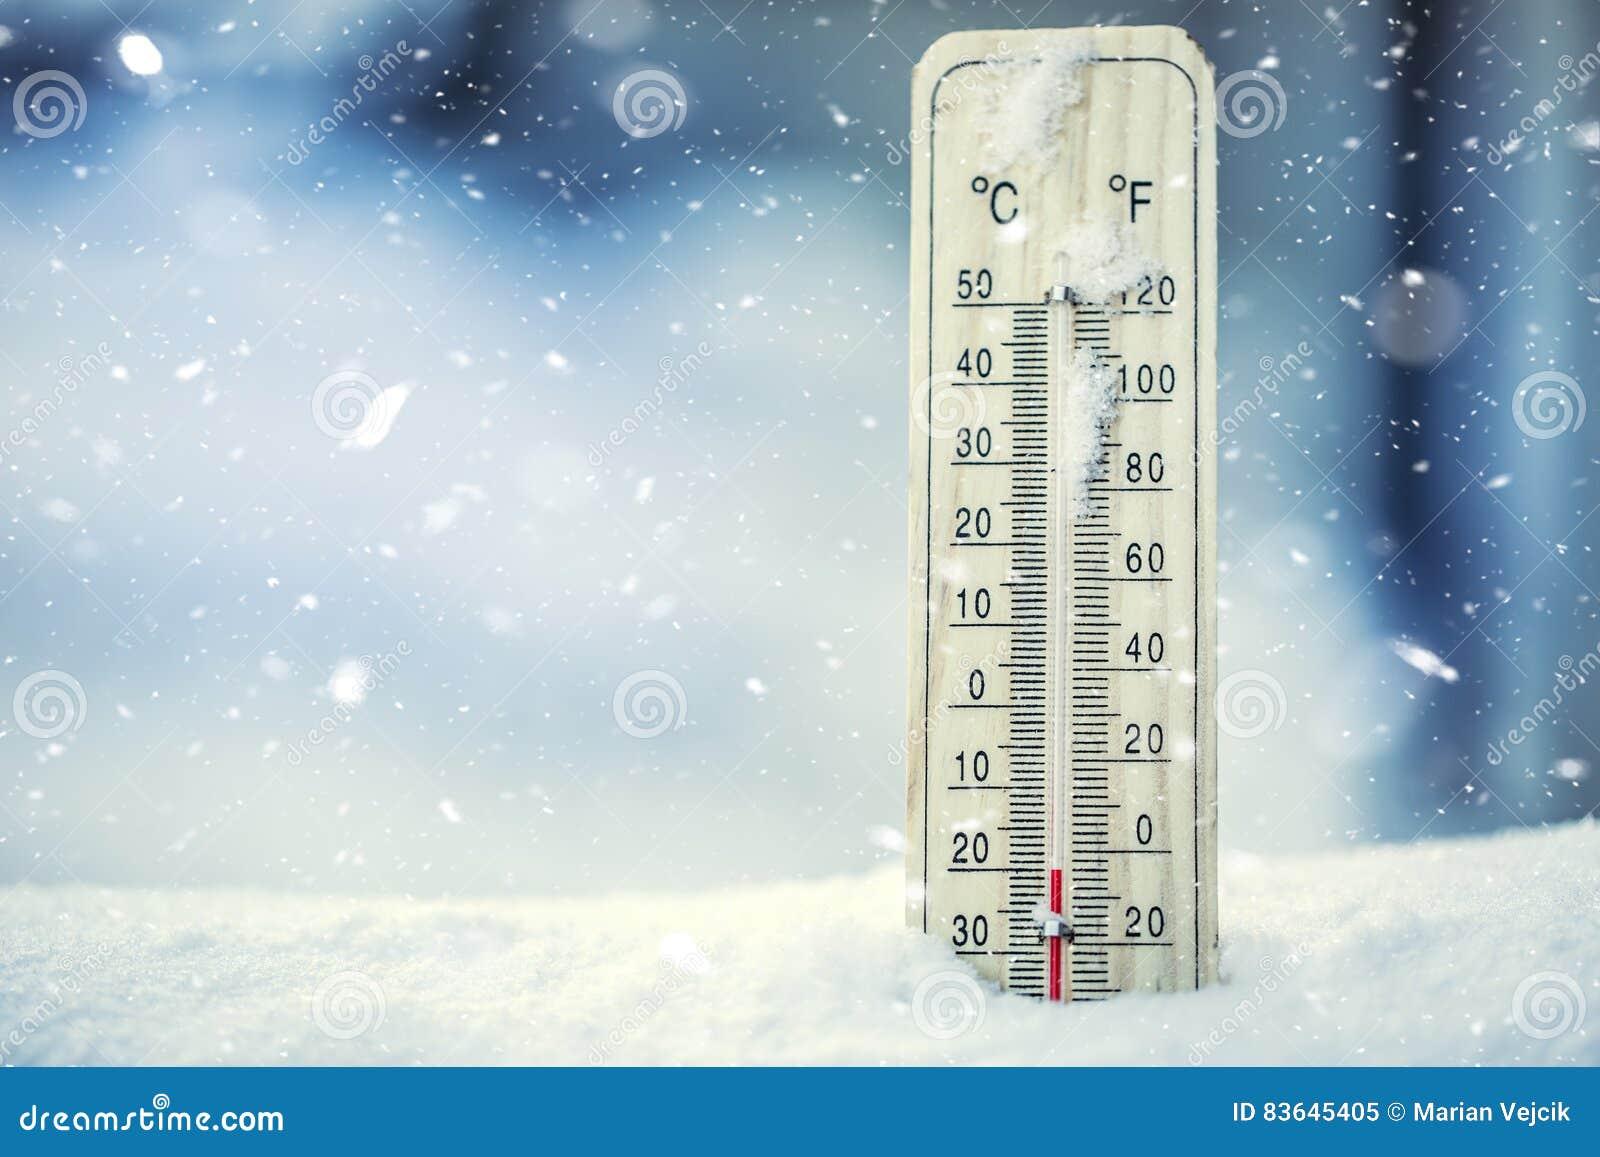 Le thermomètre sur la neige montre de basses températures au-dessous de zéro Basses températures en degrés Celsius et Fahrenheit